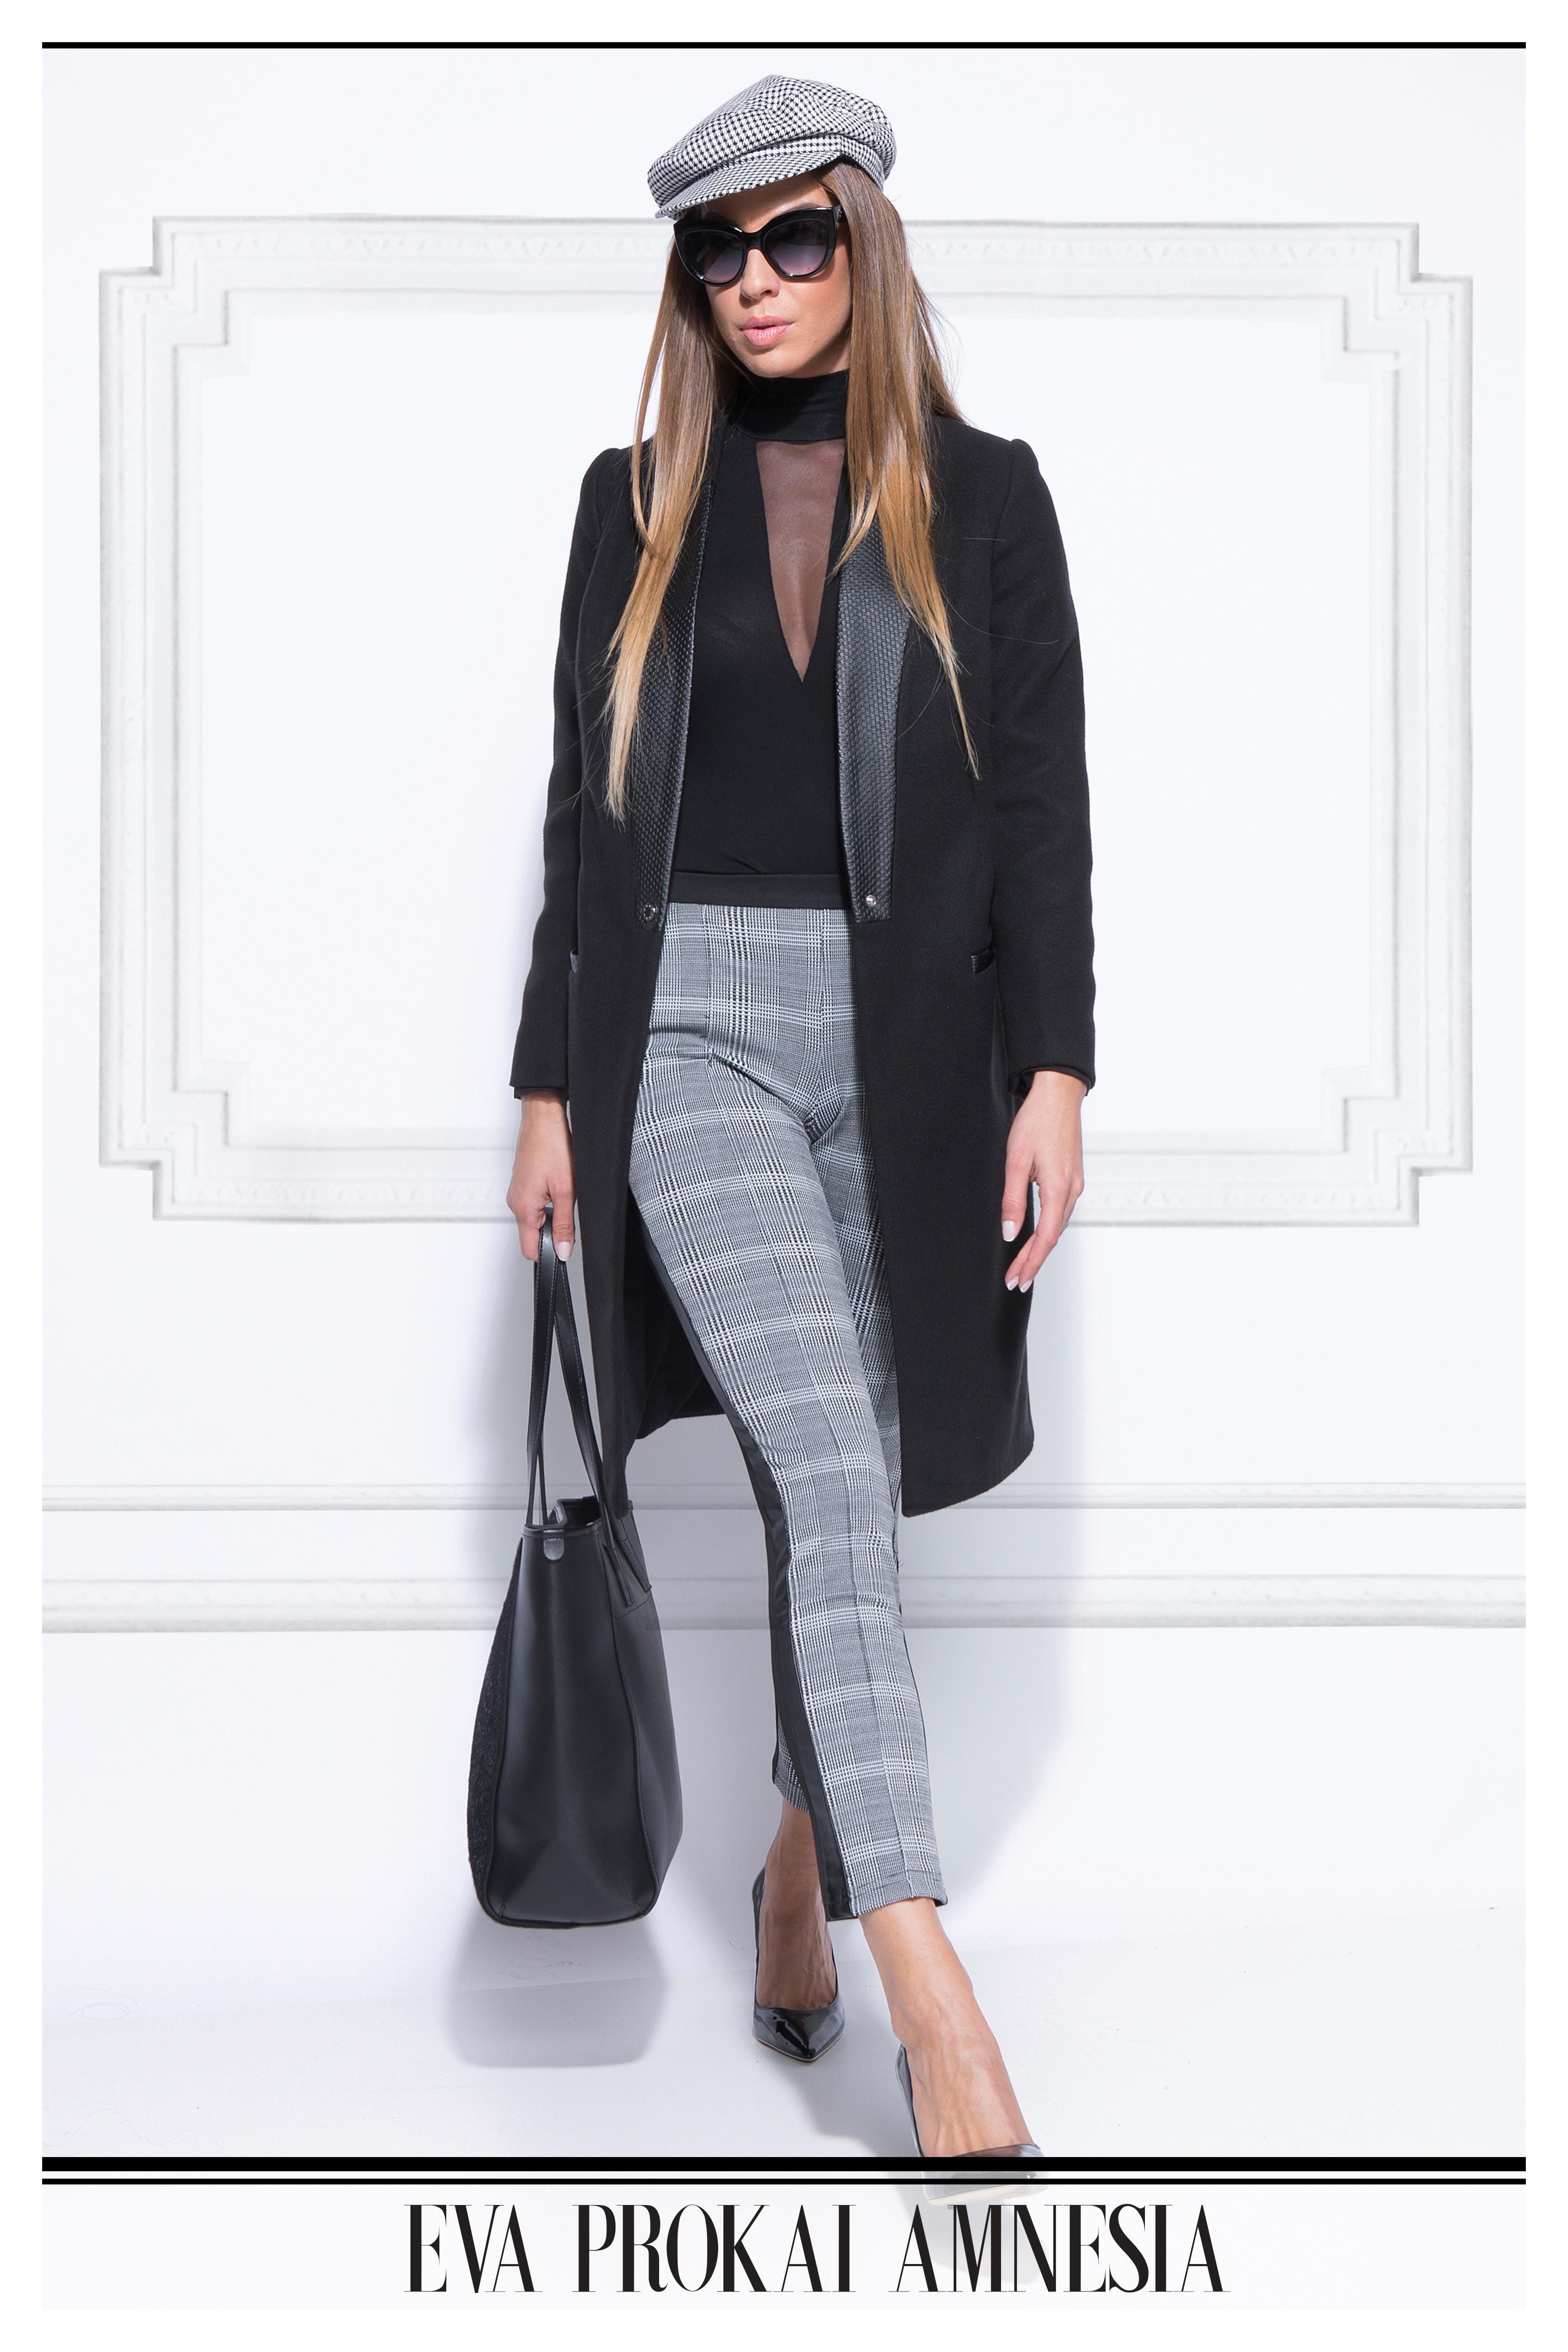 Női Szövetkabátok webshop, 2020 as trendek | ShopAlike